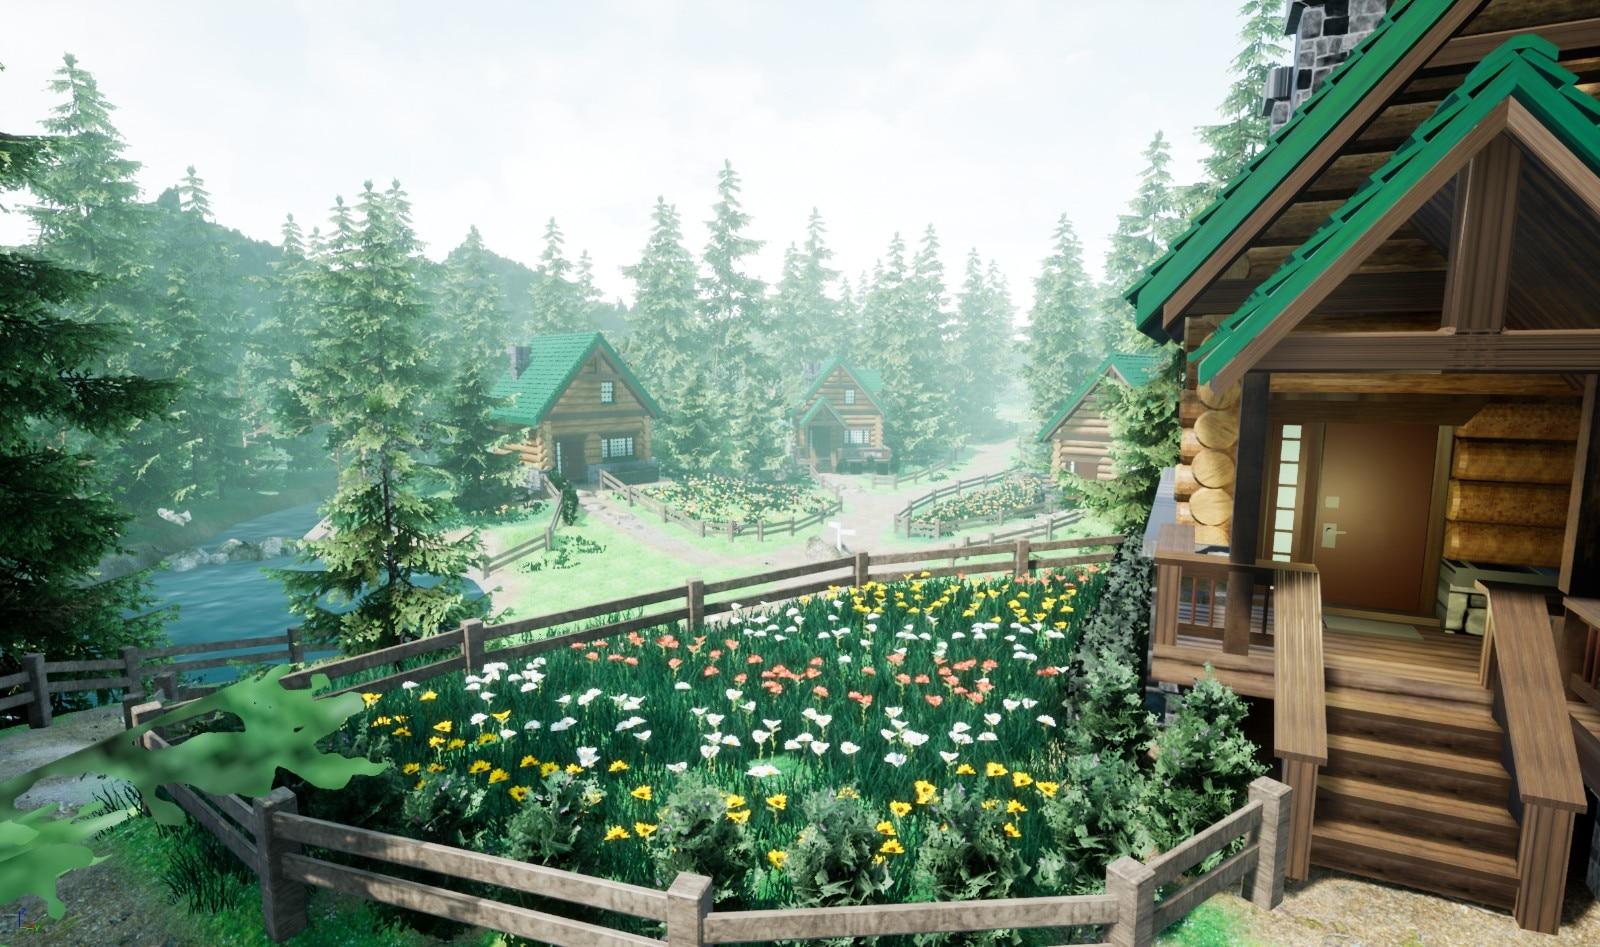 玩家用虚幻引擎重制《宝可梦:钻石/珍珠》双叶镇